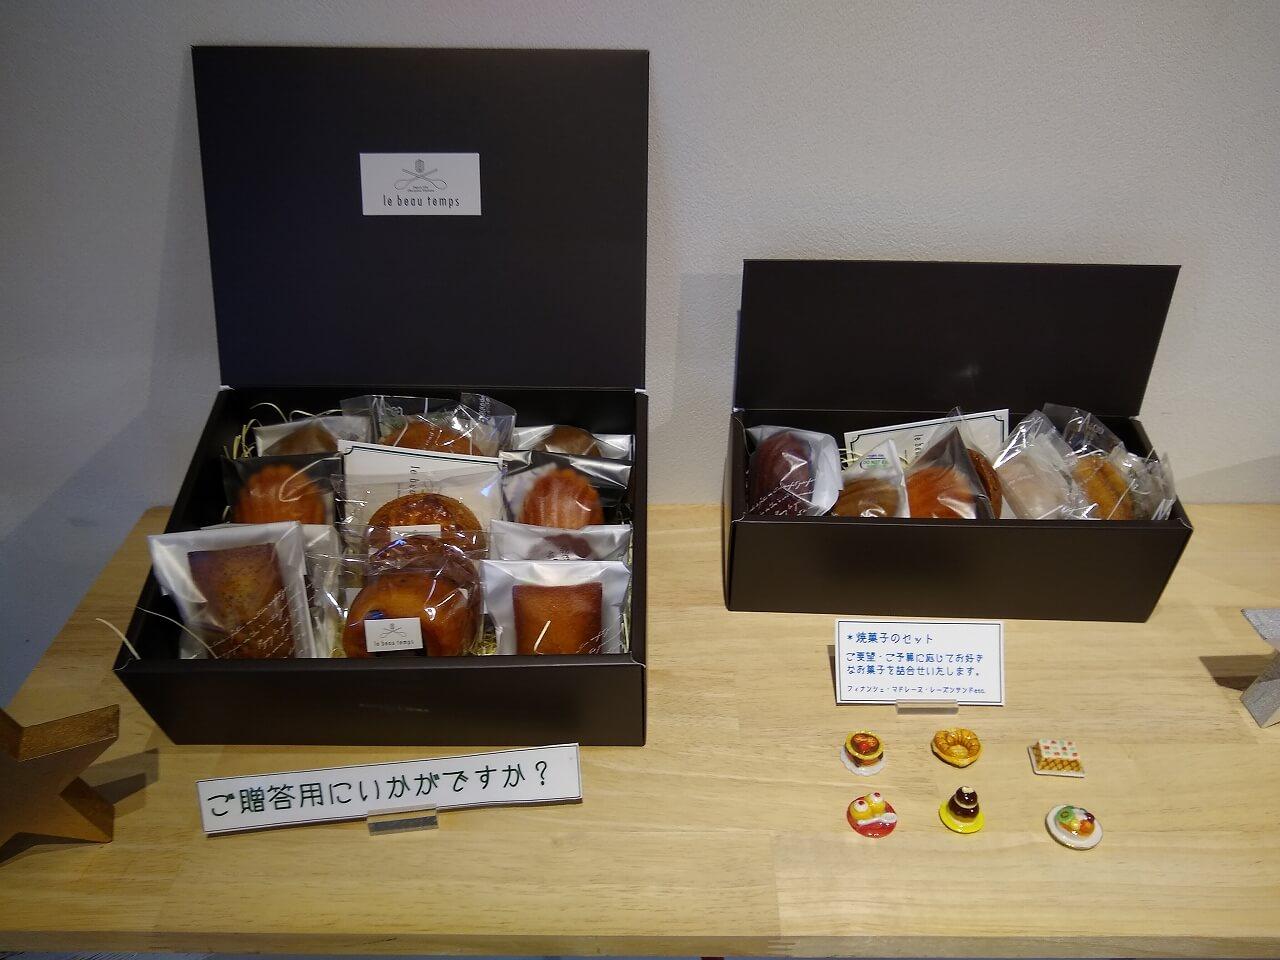 ル・ボートンの焼き菓子